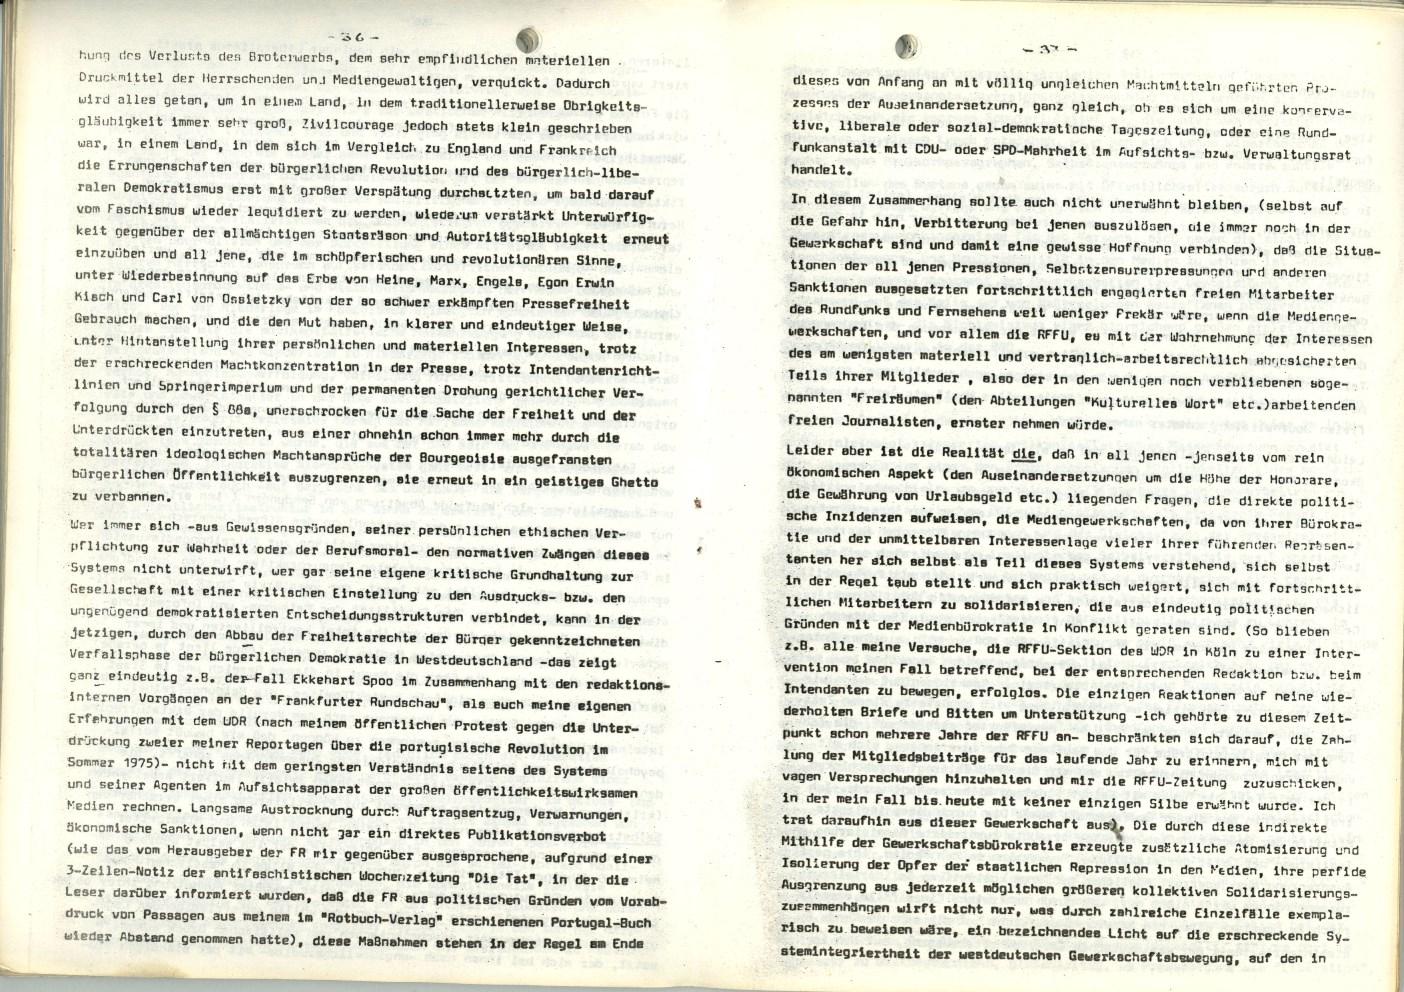 Hamburg_Vorbereitungsgruppe_Russell_Tribunal_Zensur_1978_19